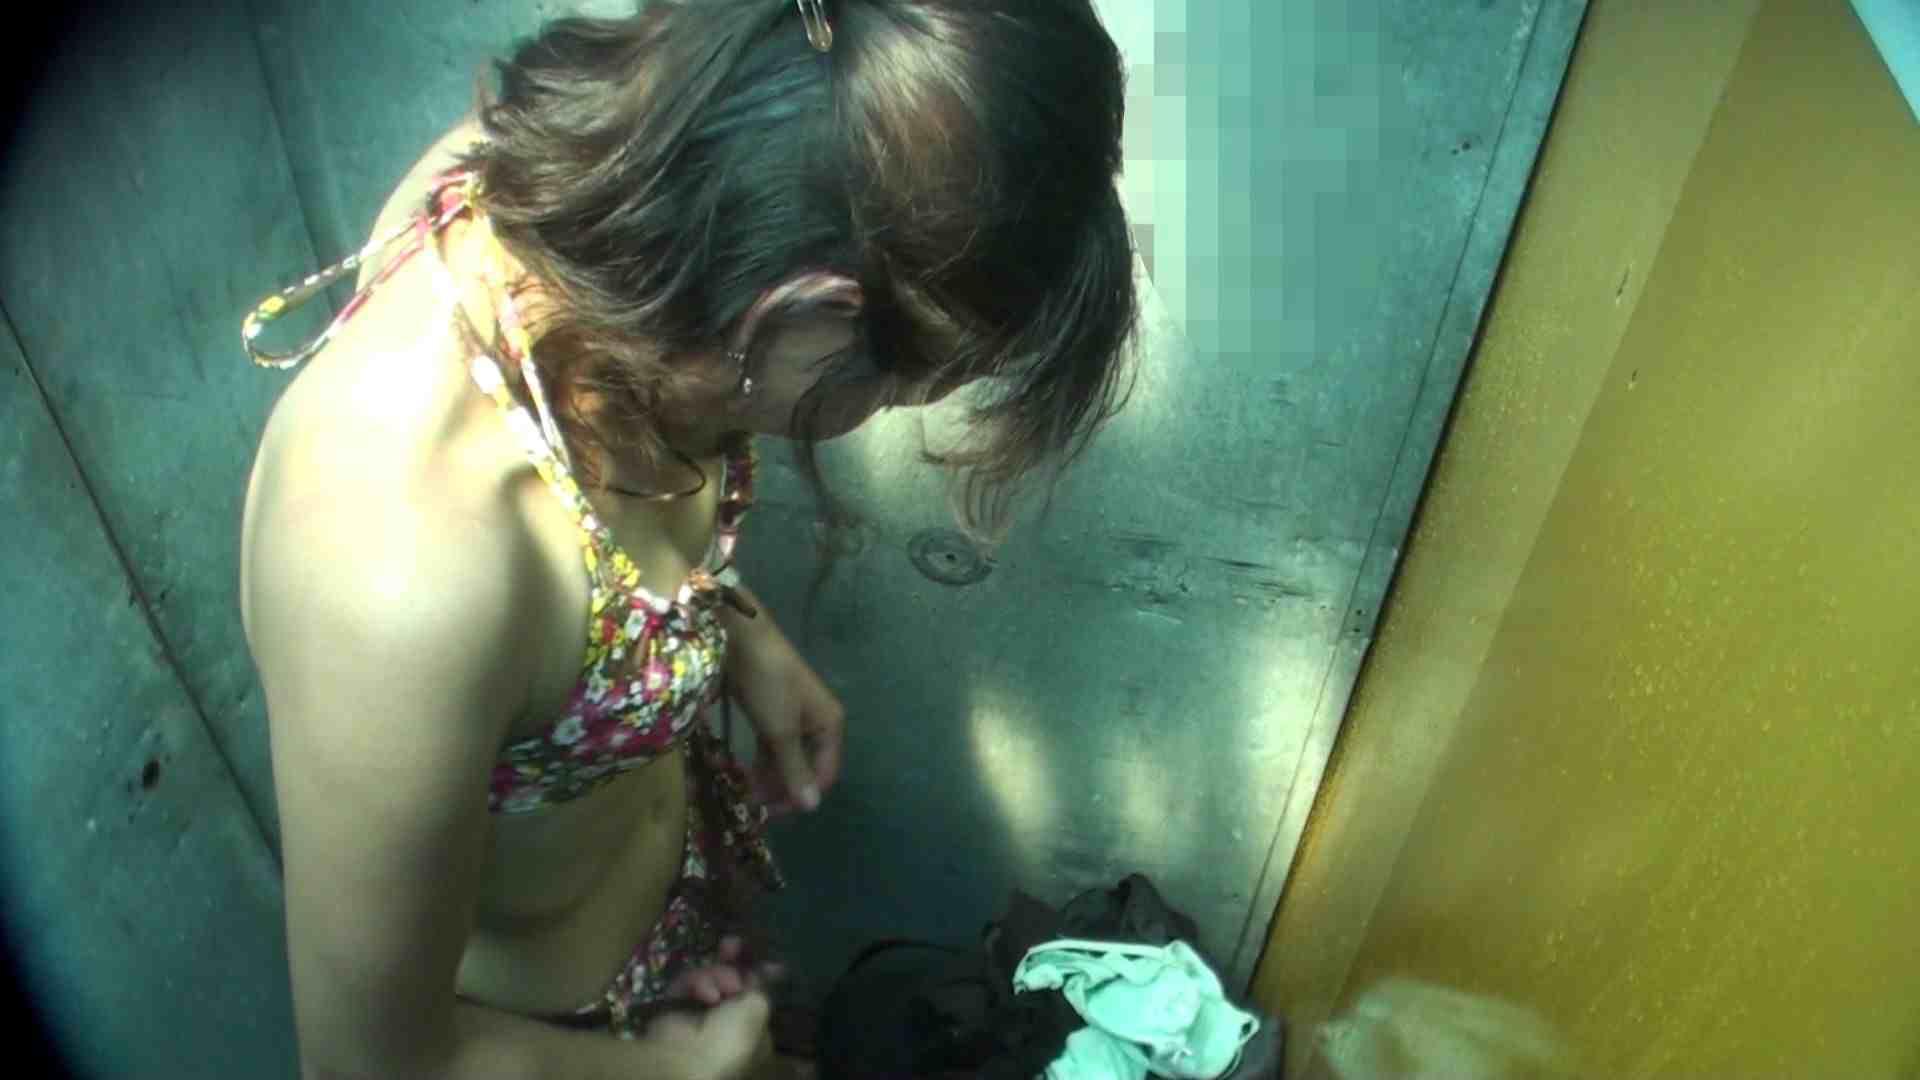 シャワールームは超!!危険な香りVol.16 意外に乳首は年増のそれ シャワー エロ無料画像 97pic 47